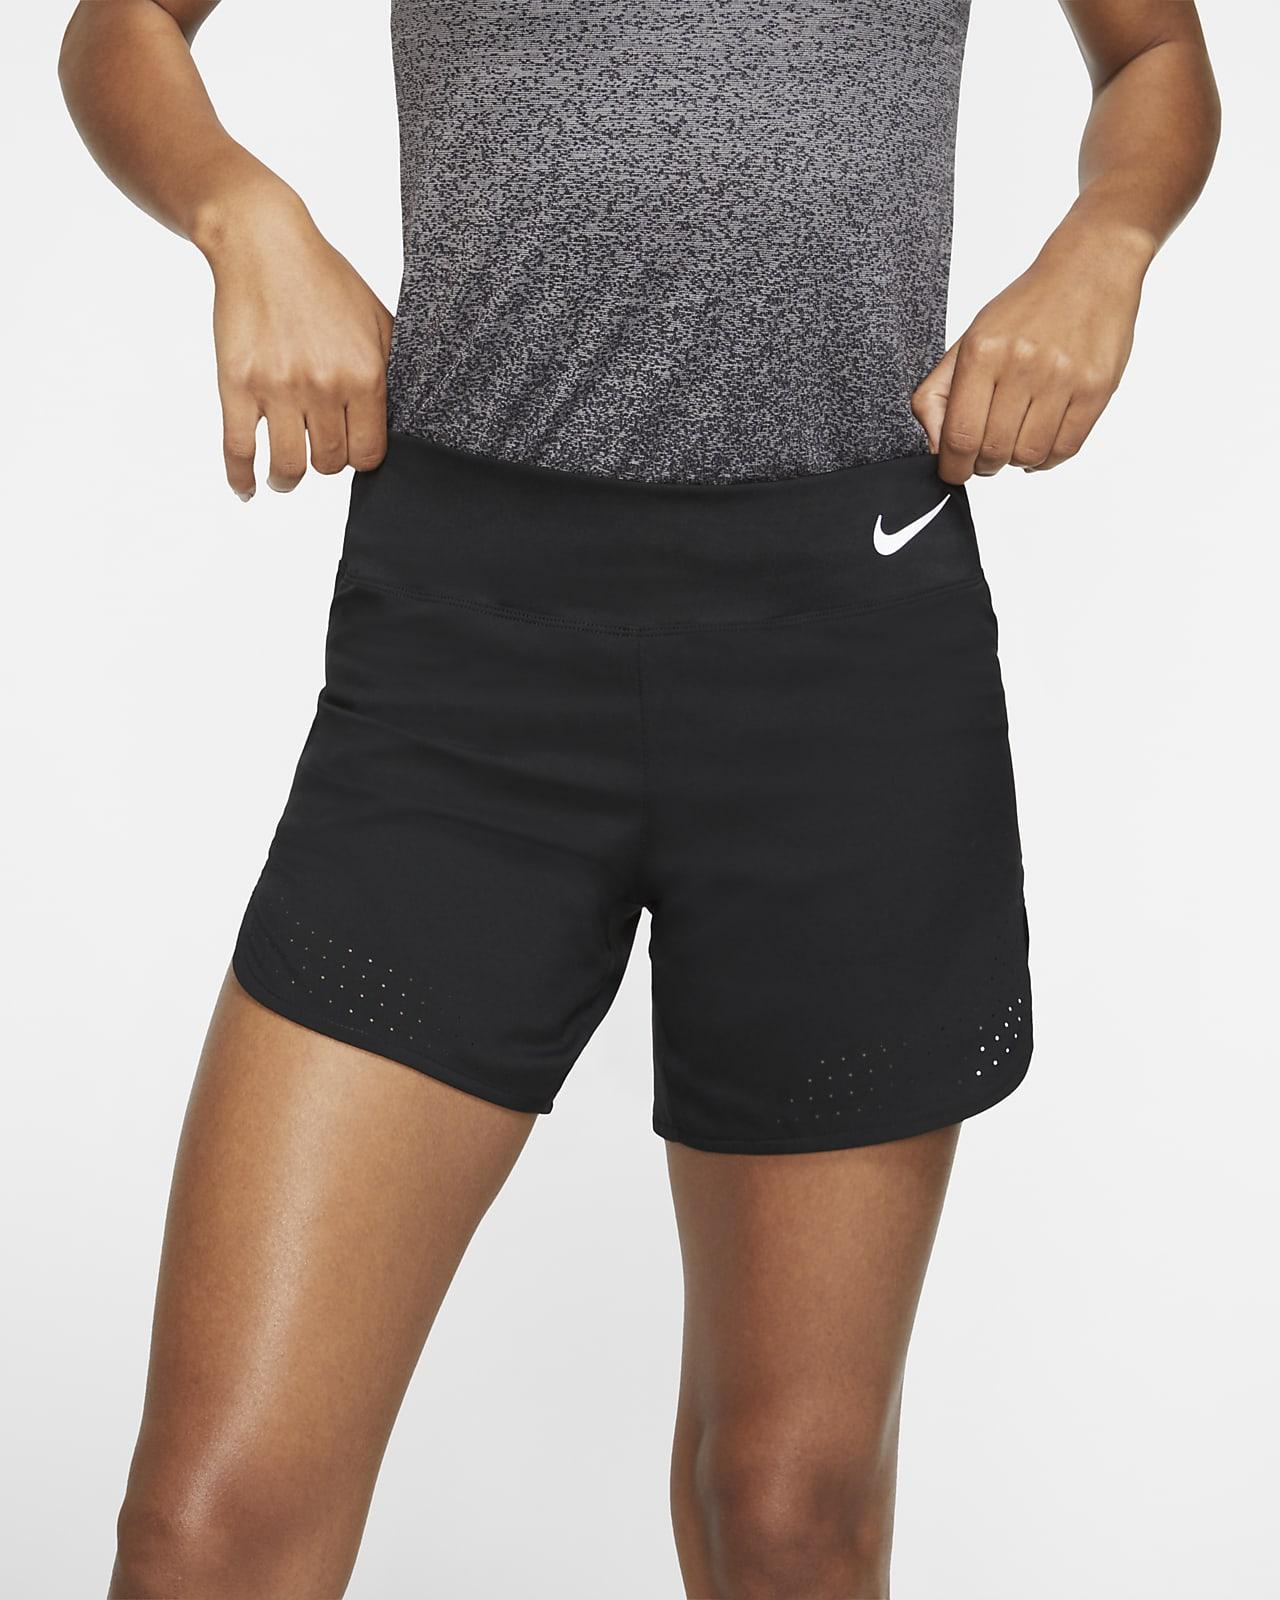 Nike Eclipse Women's 5